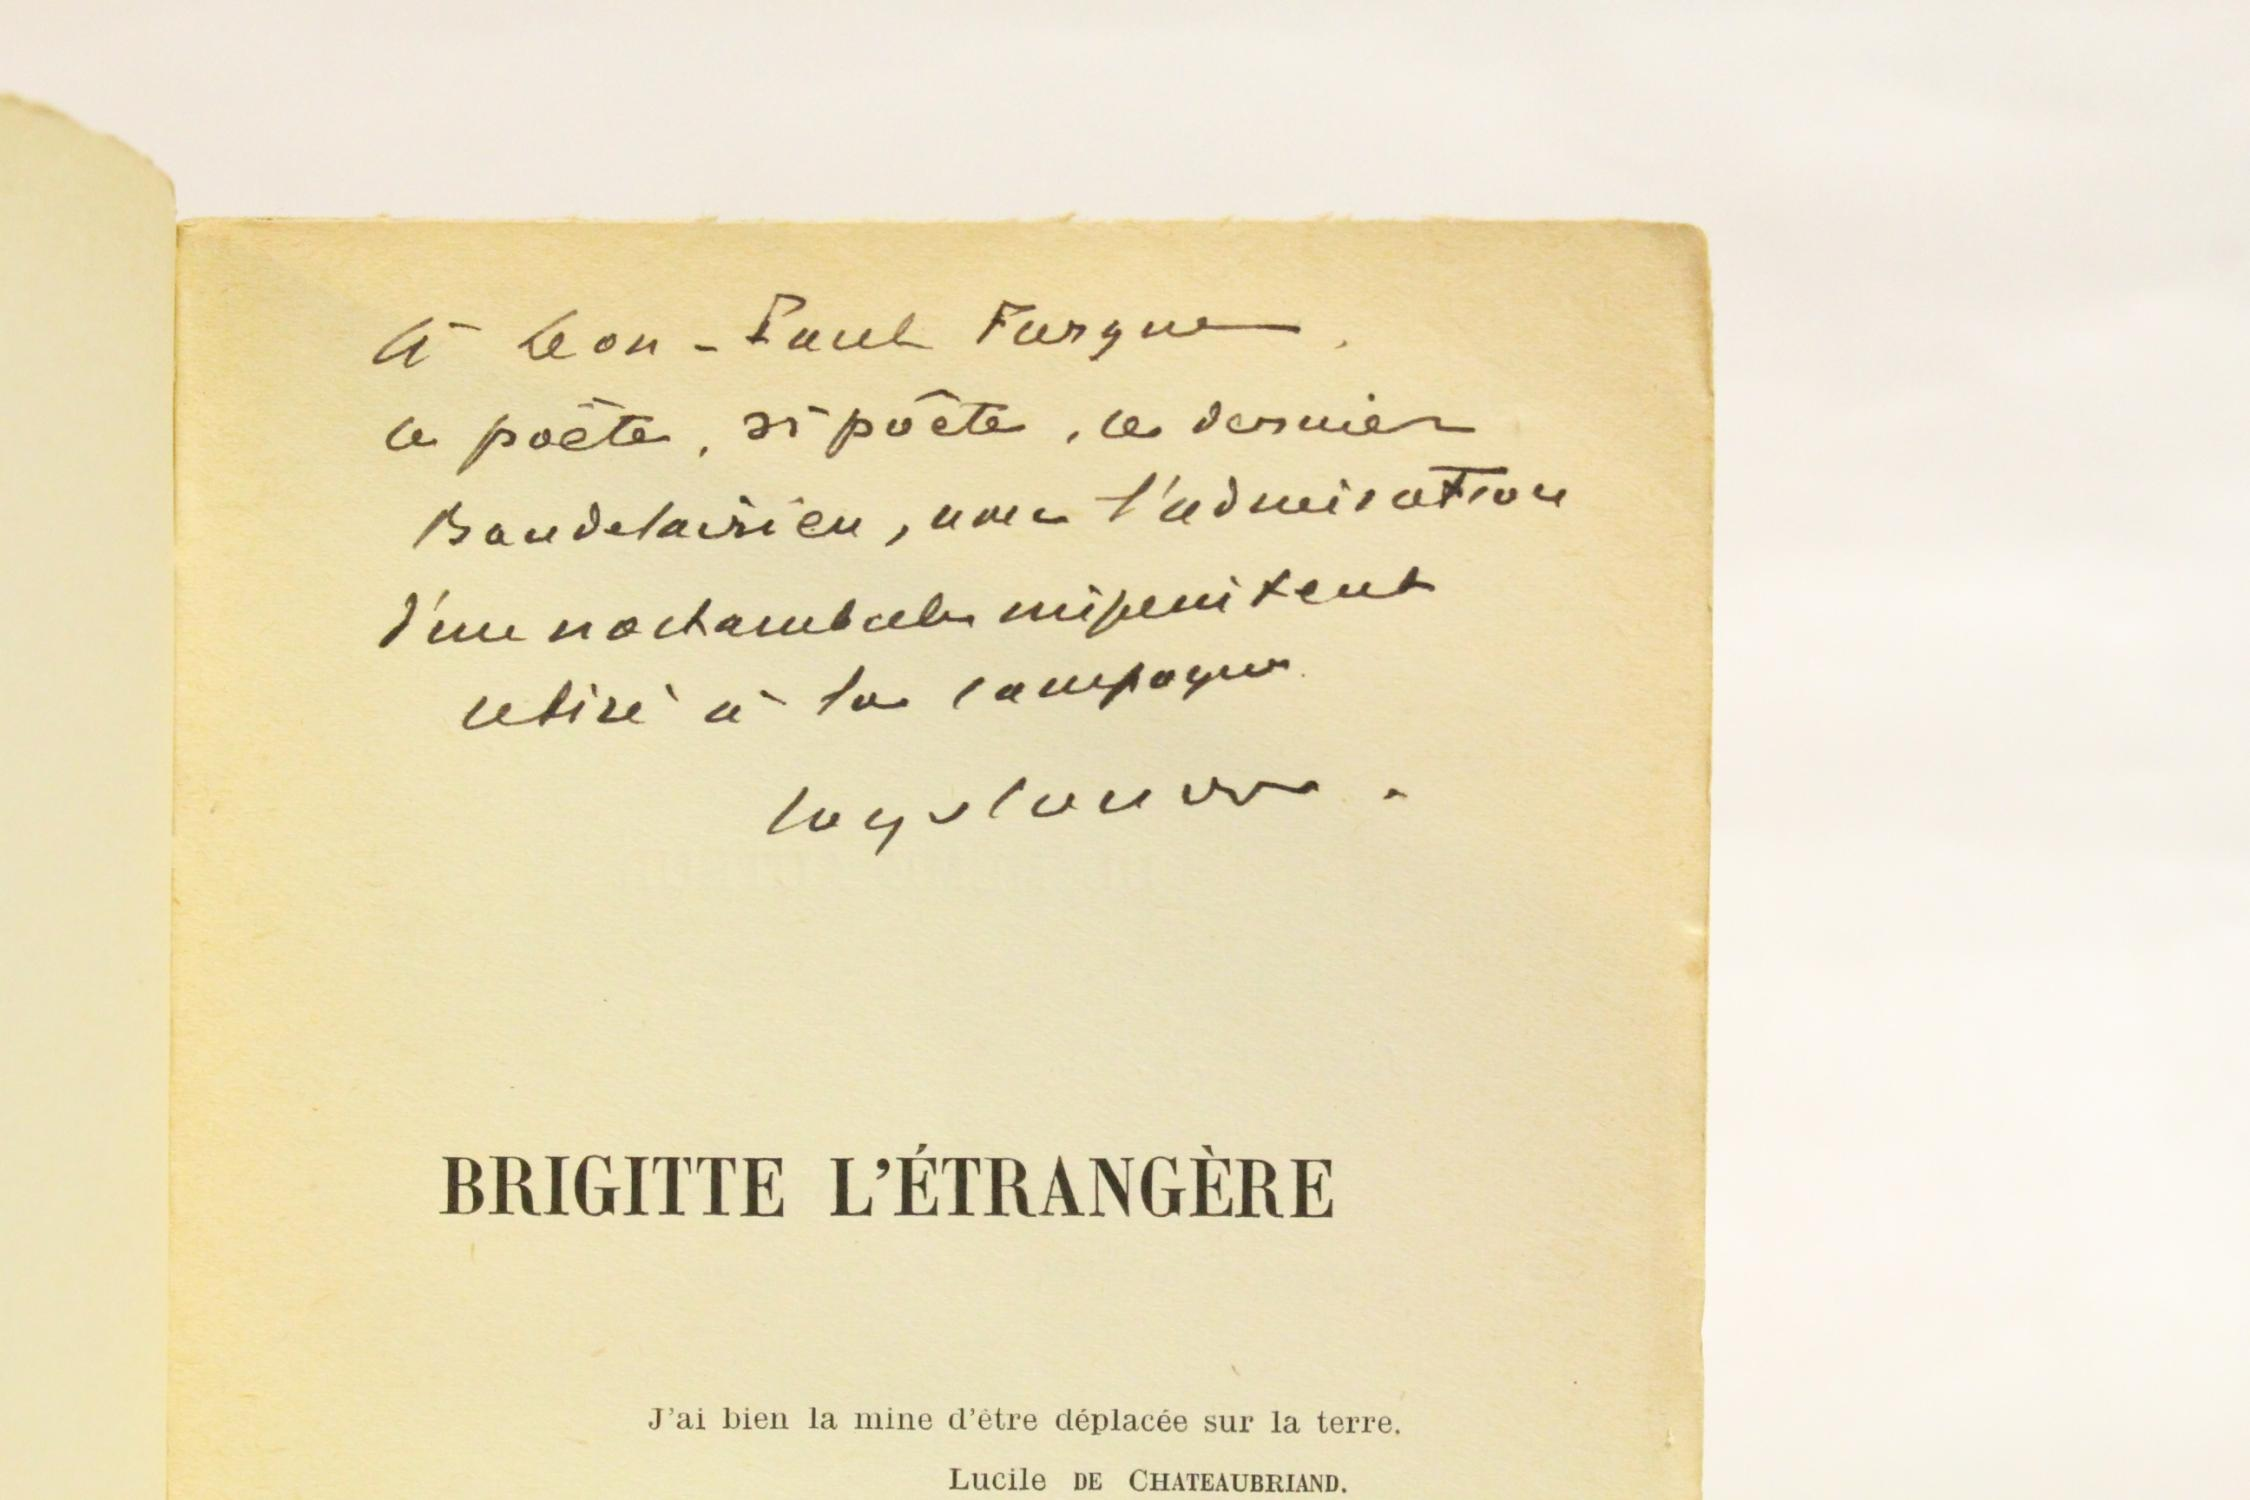 Brigitte_létrangère_COUDERC_Roger___Couverture_souple